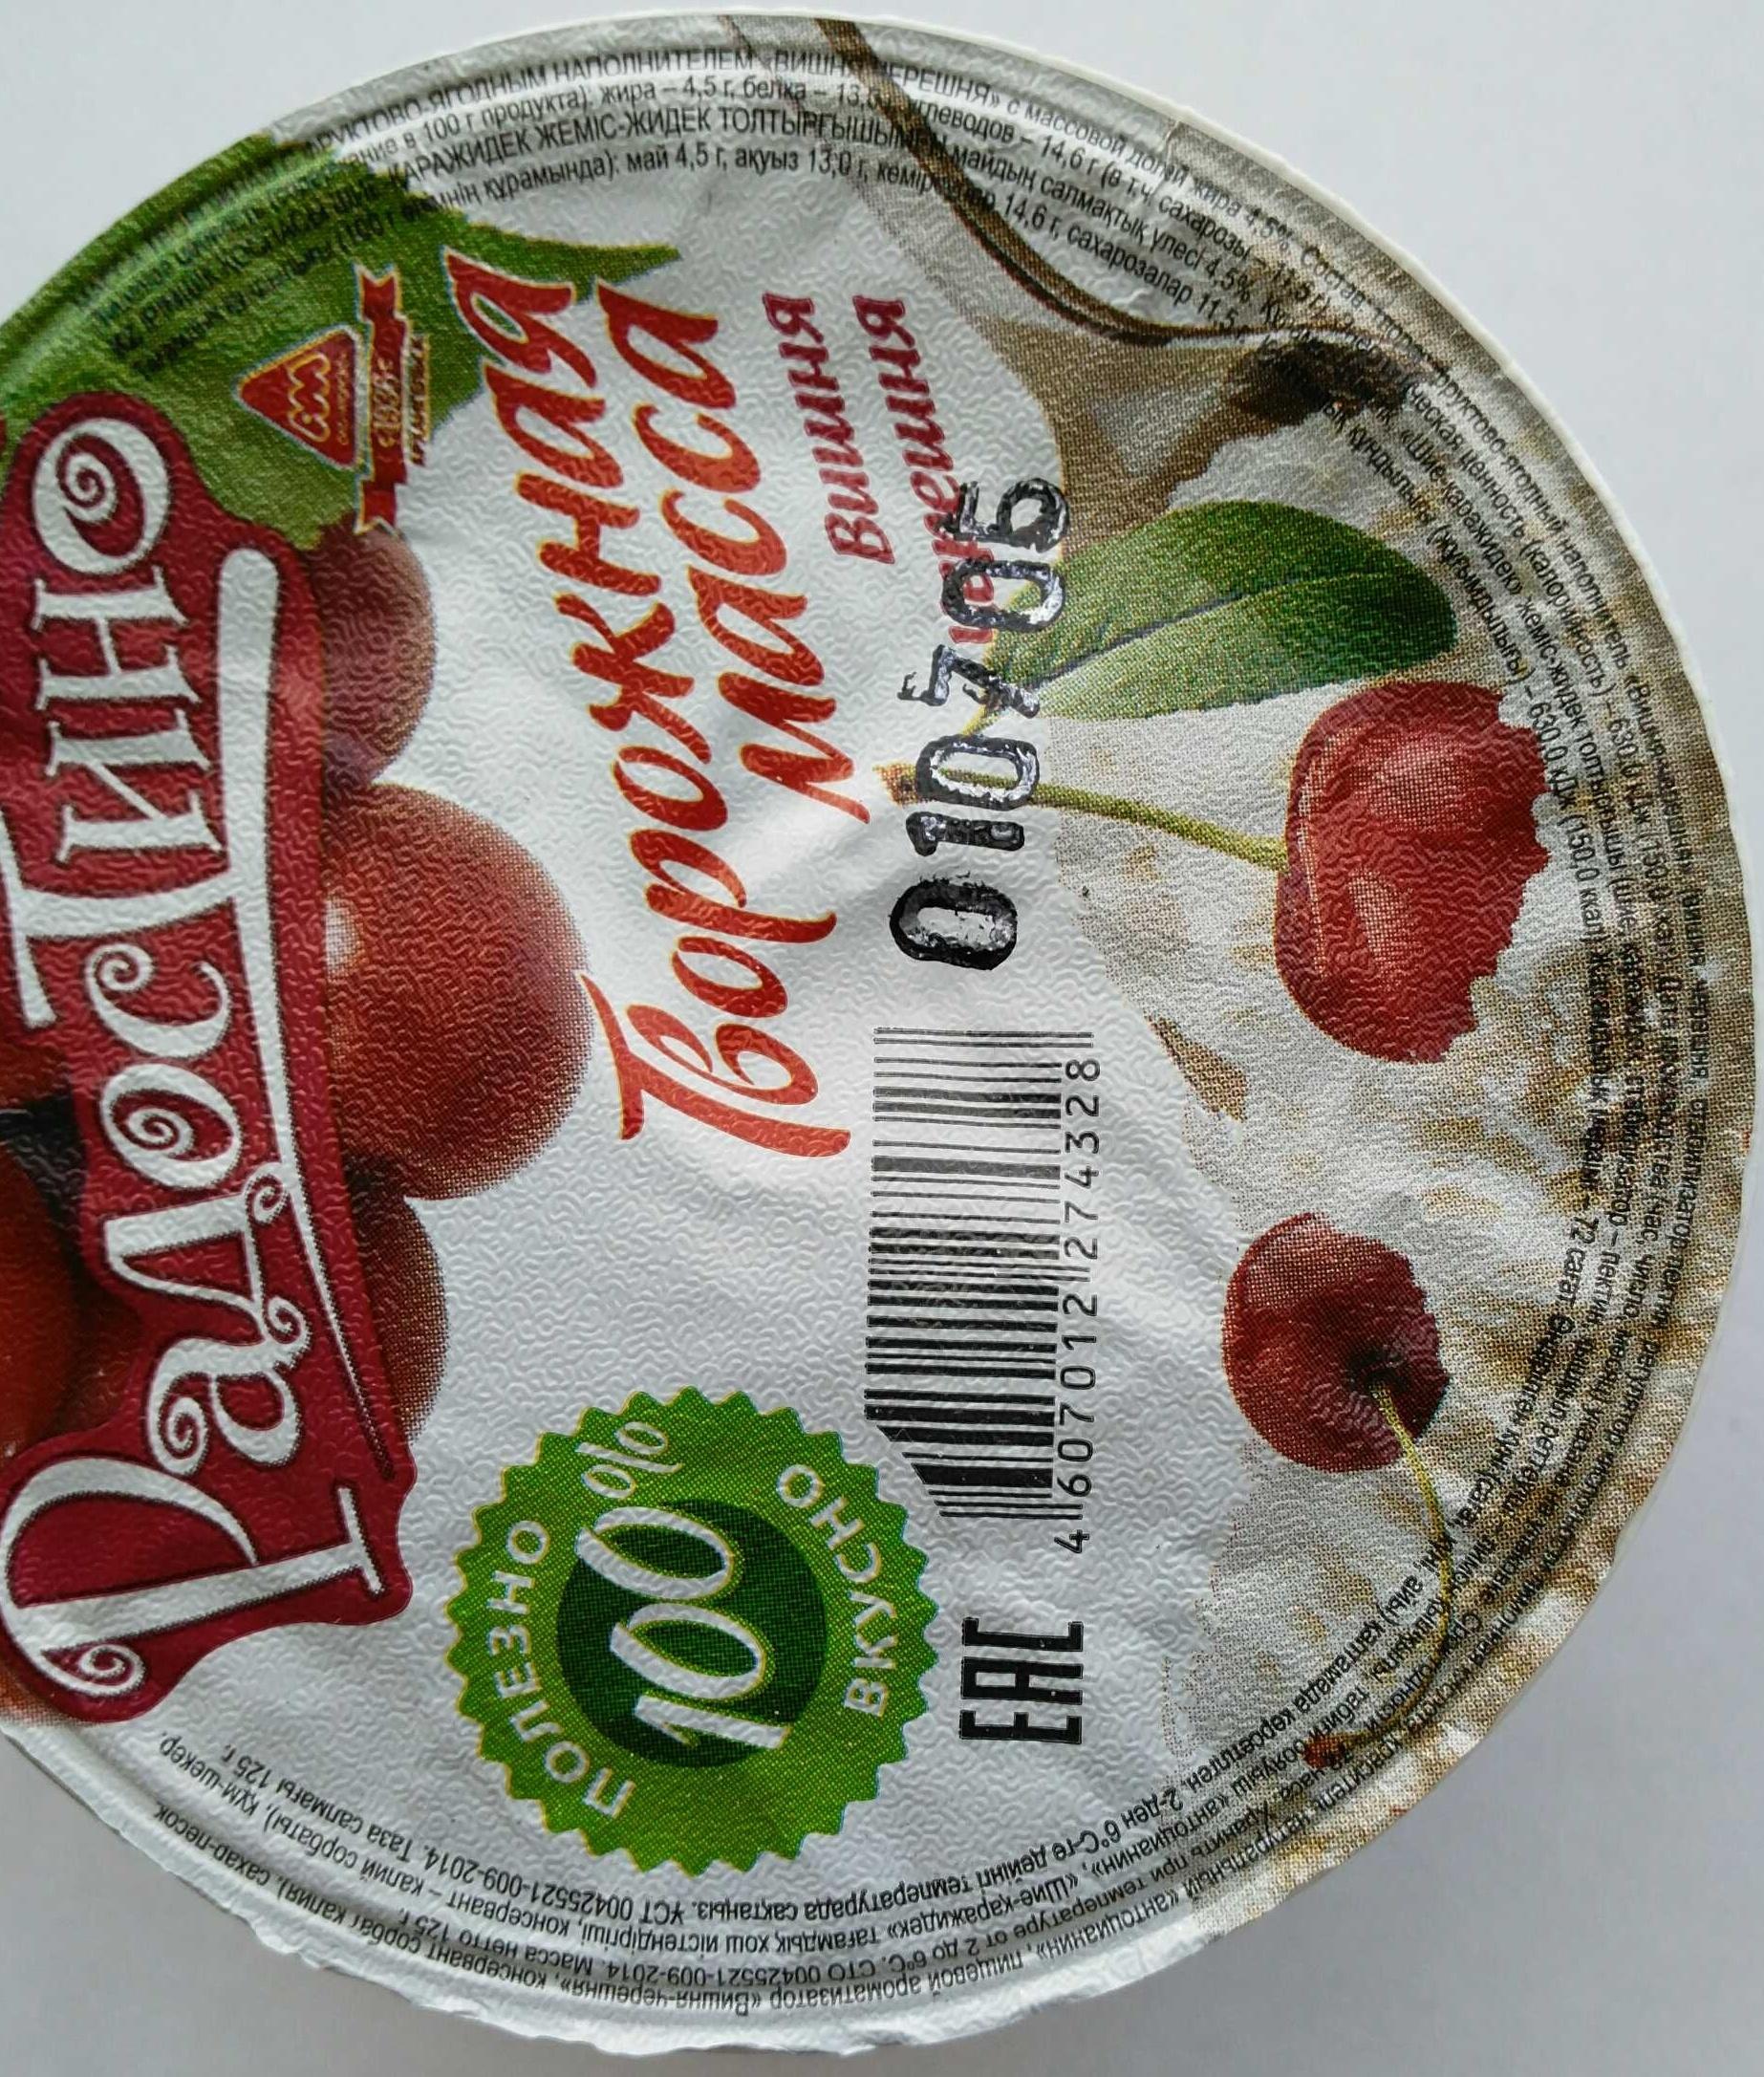 Масса творожная с фруктово-ягодным наполнителем «Вишня-черешня» с массовой долей жира 4,5% - Inhaltsstoffe